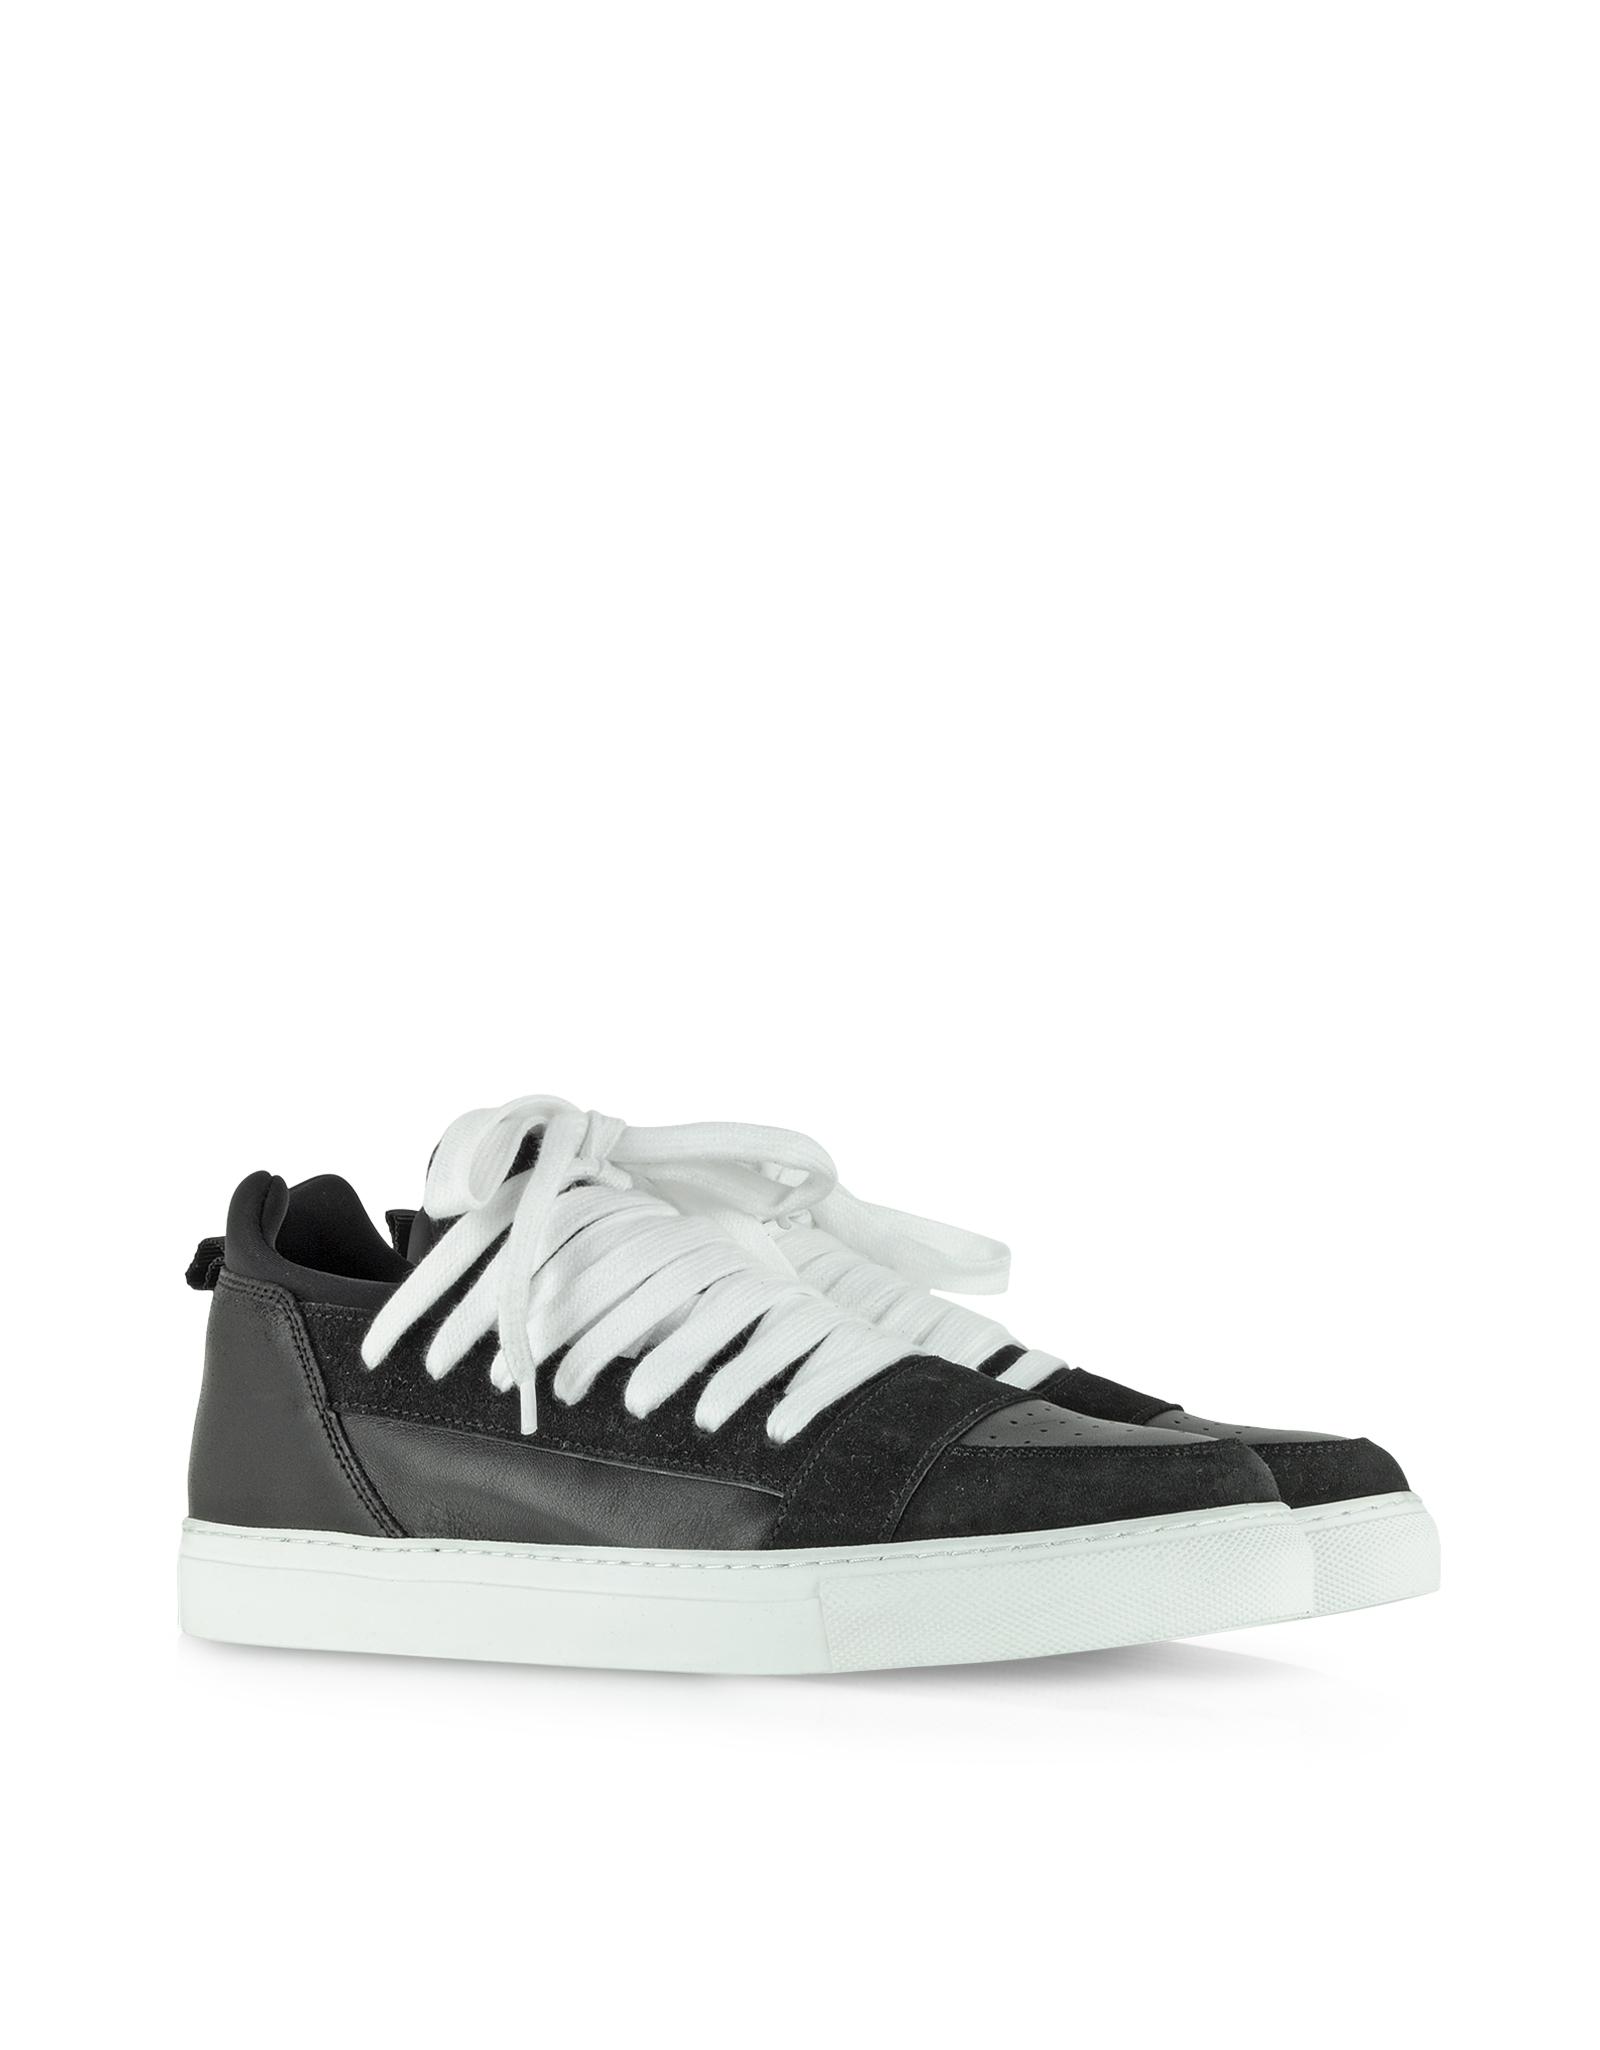 FOOTWEAR - Low-tops & sneakers Kris Van Assche M50BMLN2t